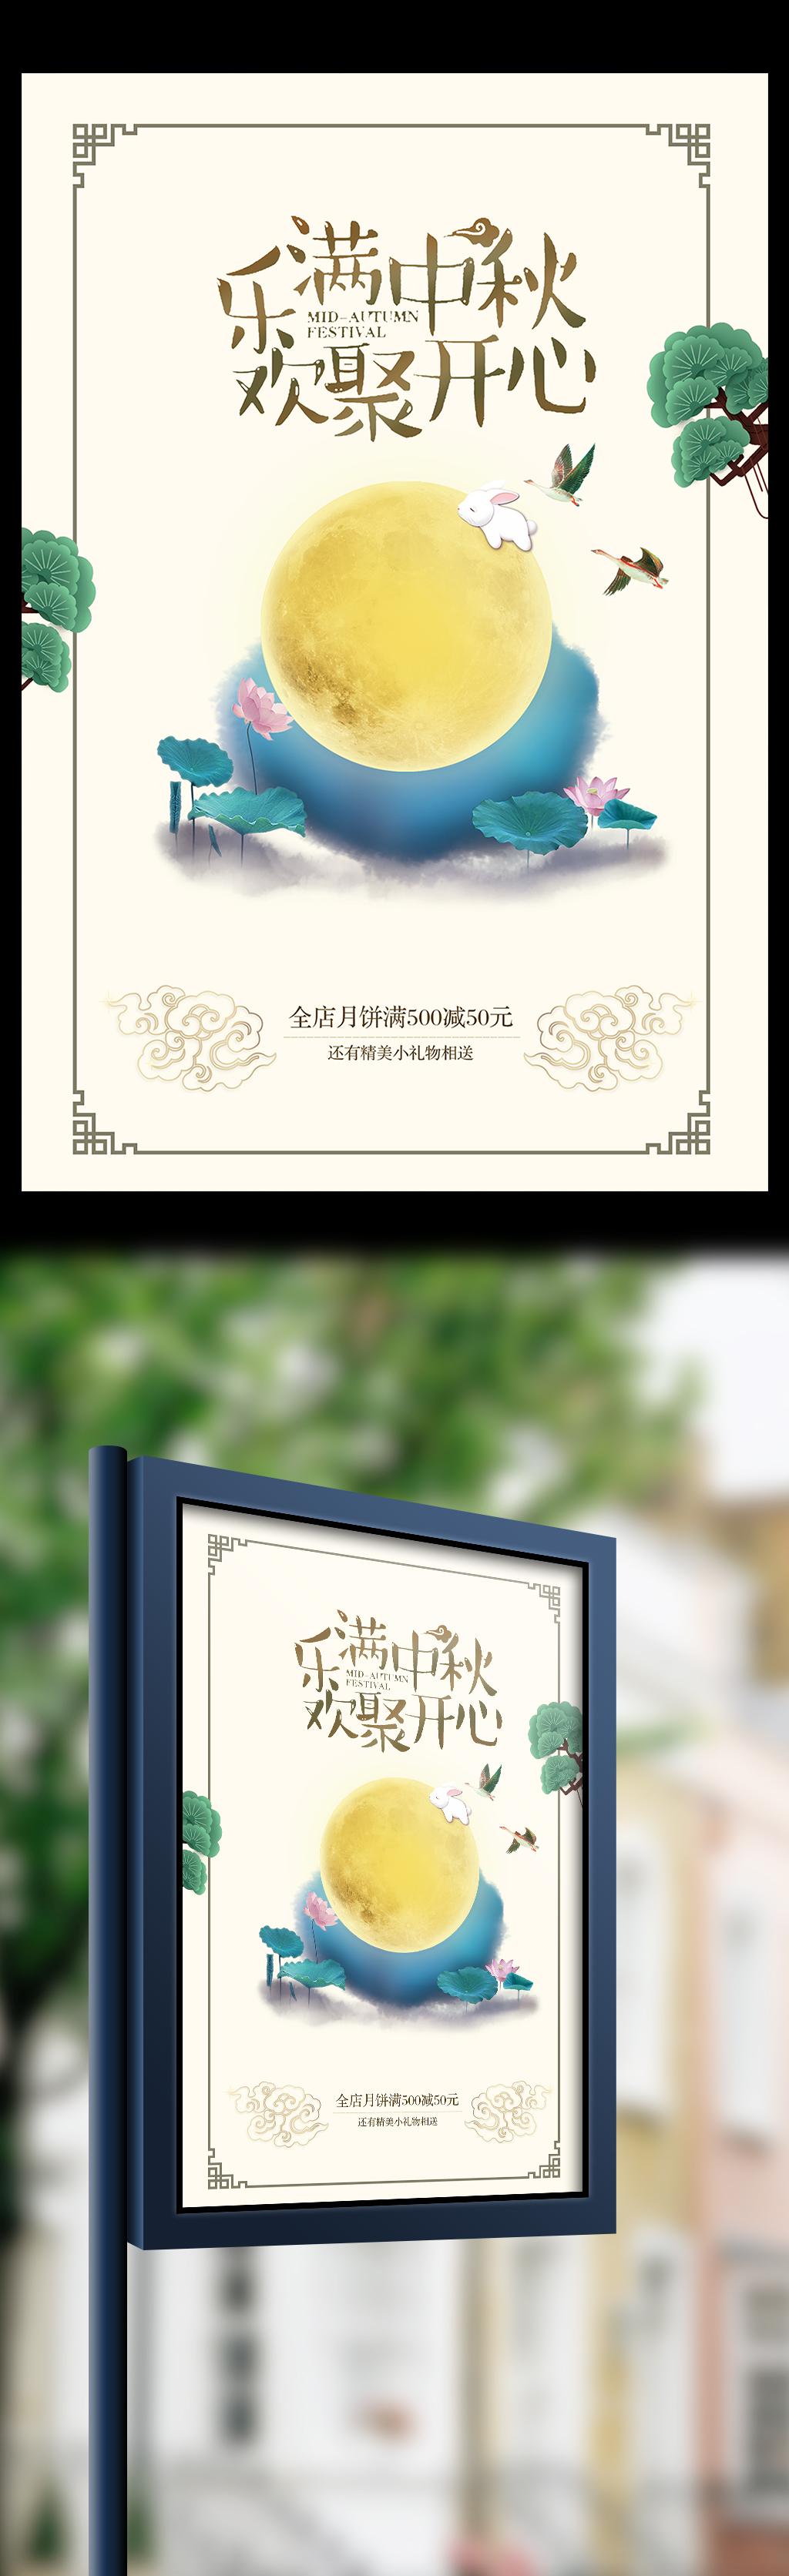 中秋节宣传                                    月饼促销中秋节海报